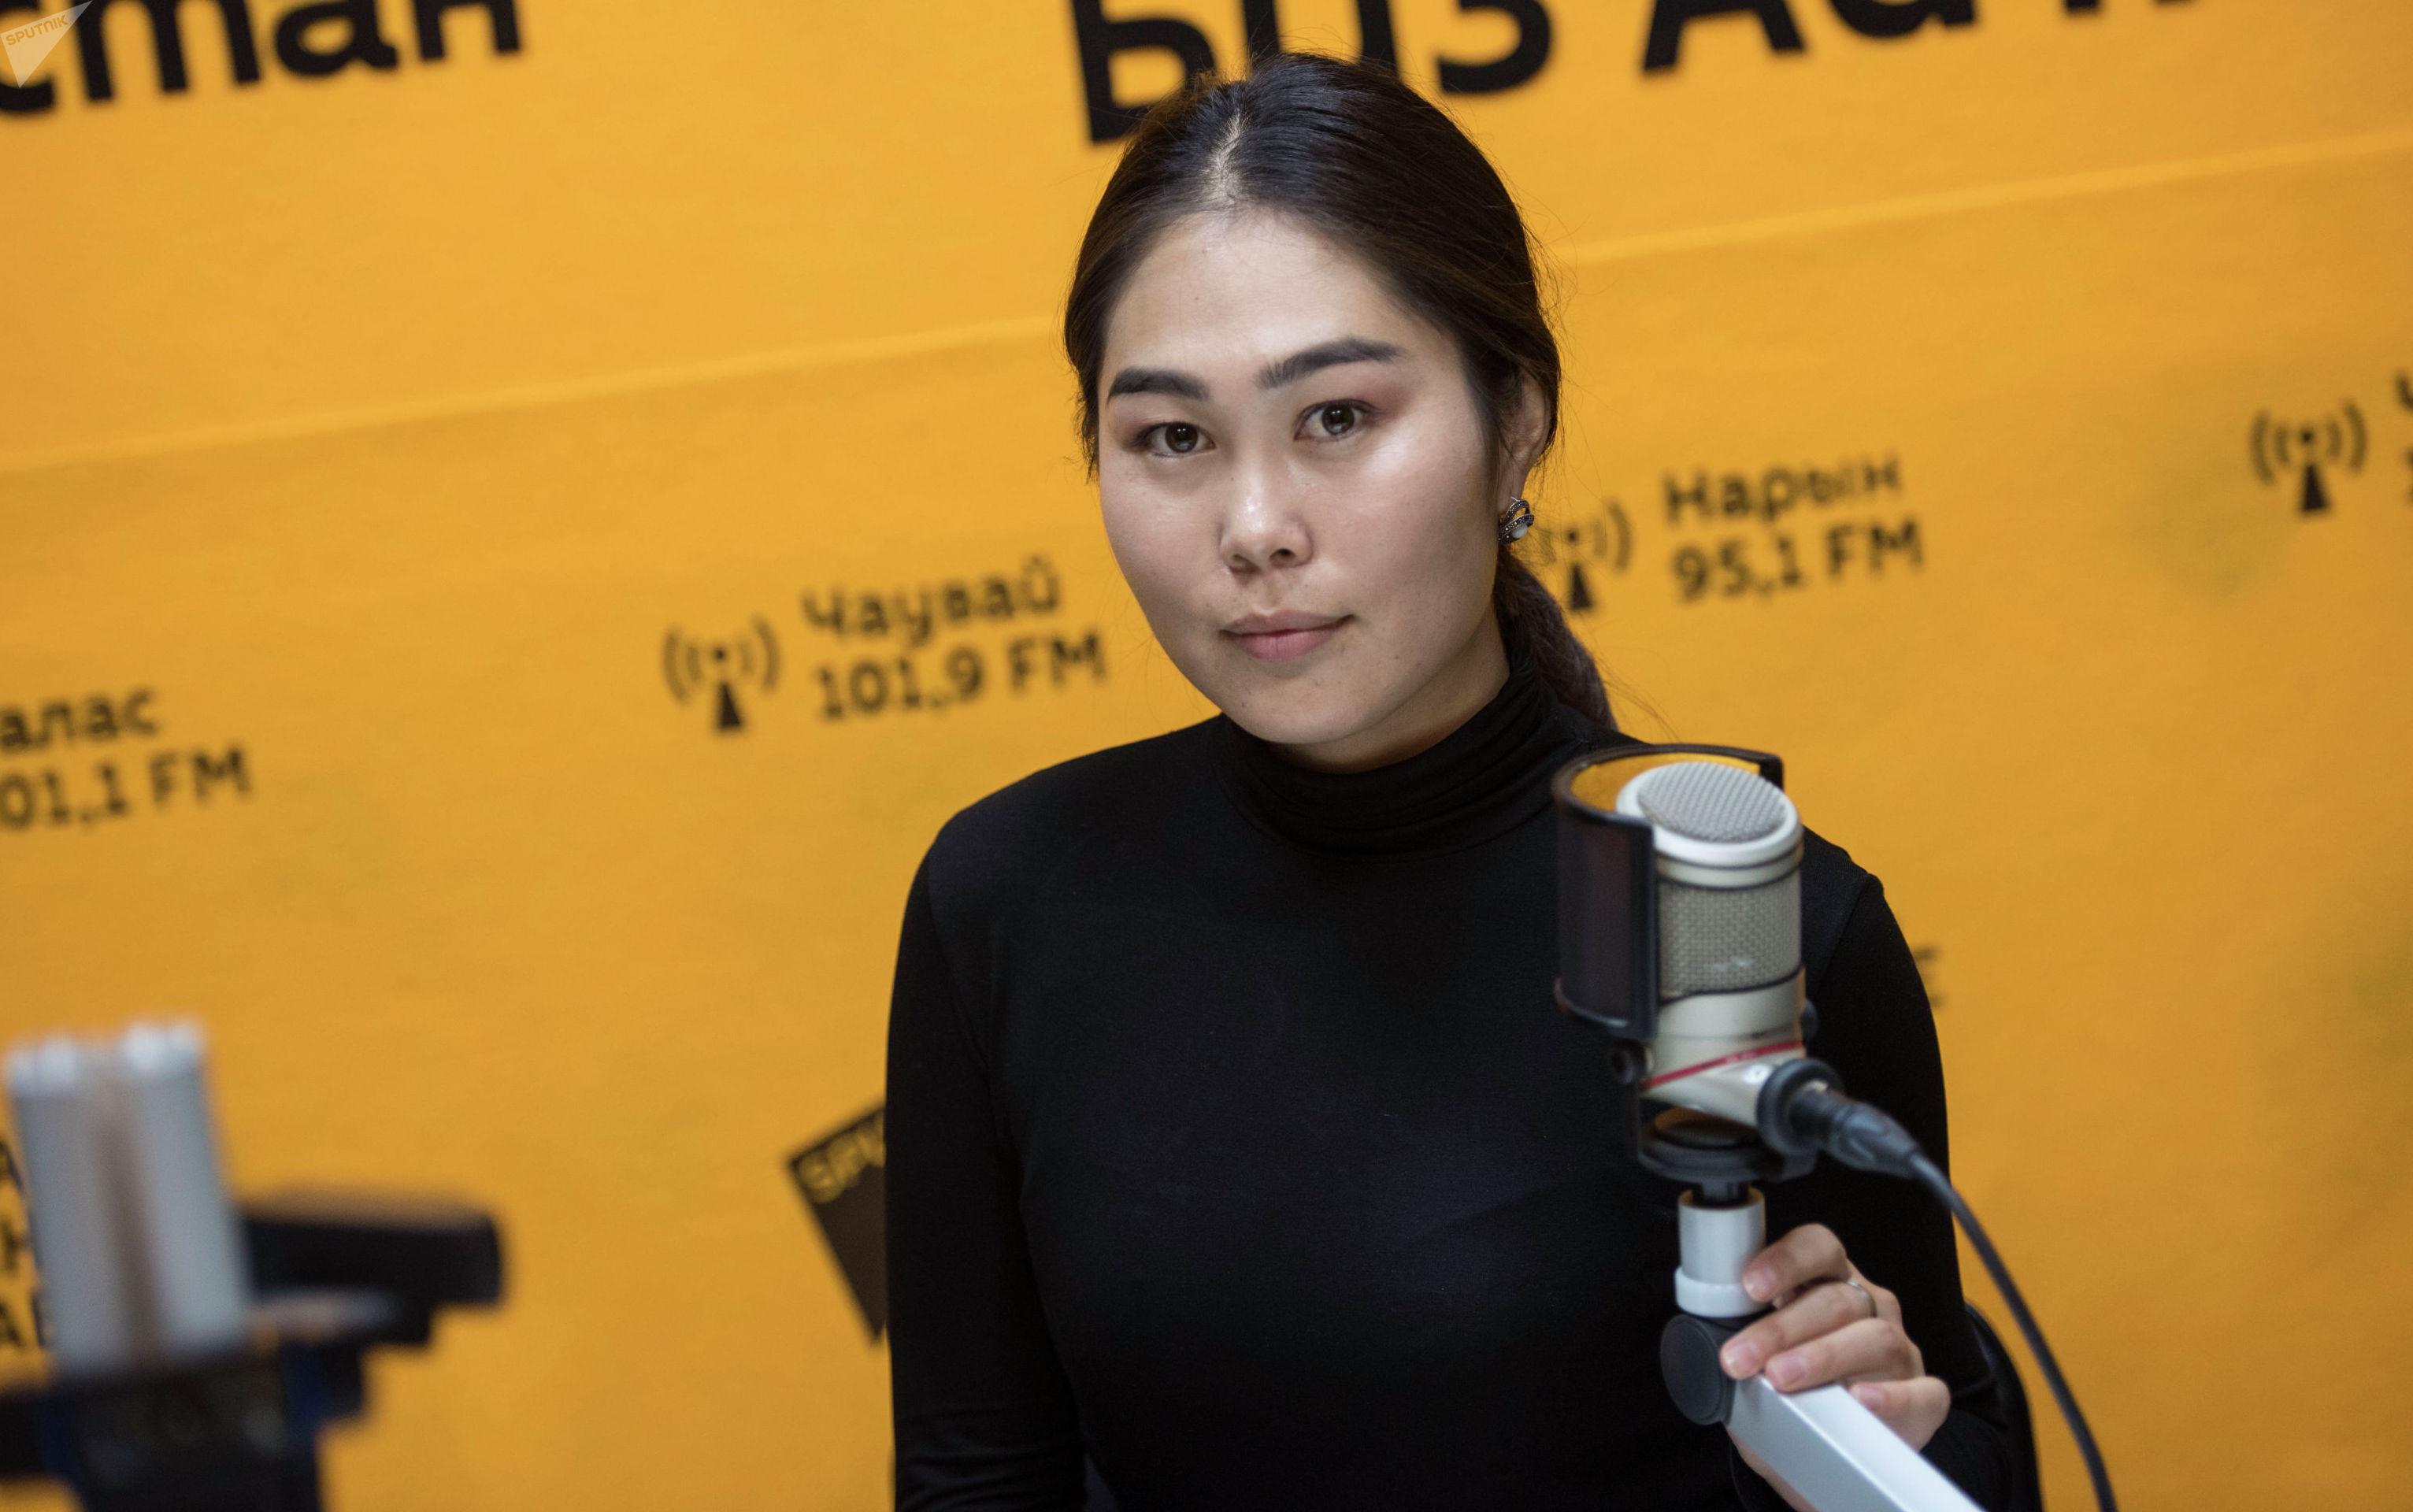 Ведущая радио Sputnik Кыргызстан Асель Сыдыкова